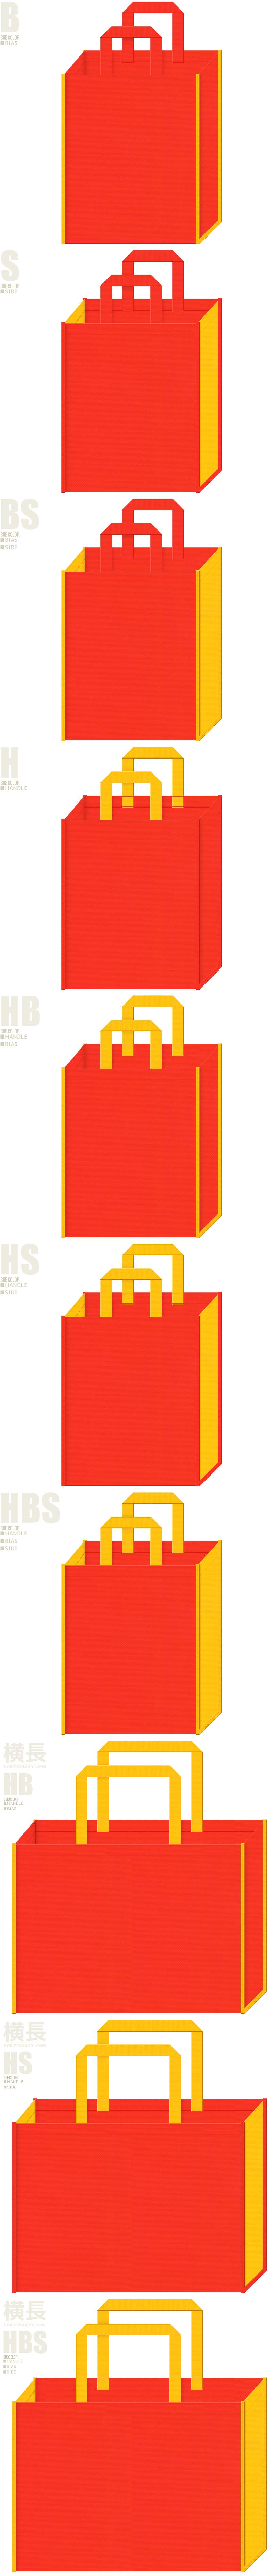 オレンジ色と黄色-7パターンの不織布トートバッグ配色デザイン例。遊園地・テーマパーク・リゾートのバッグノベルティにお奨めです。オレンジティー風。